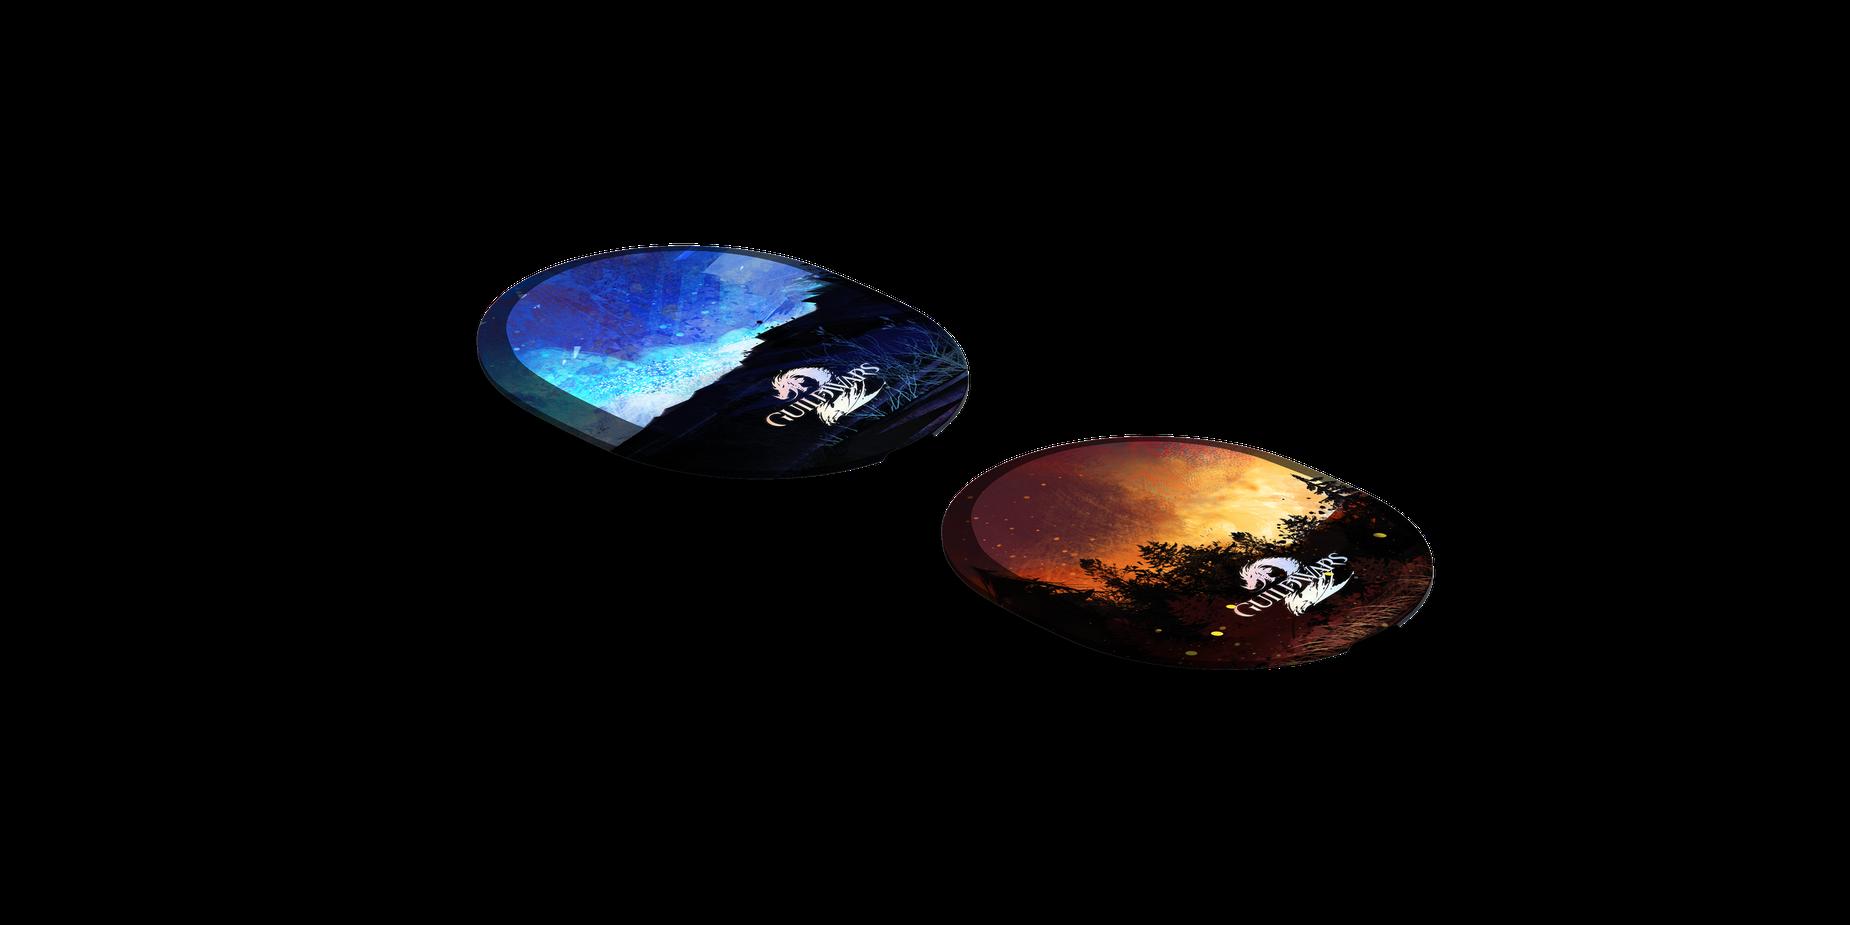 Plaques d'écouteur en édition limitée posé sur une surface plane.